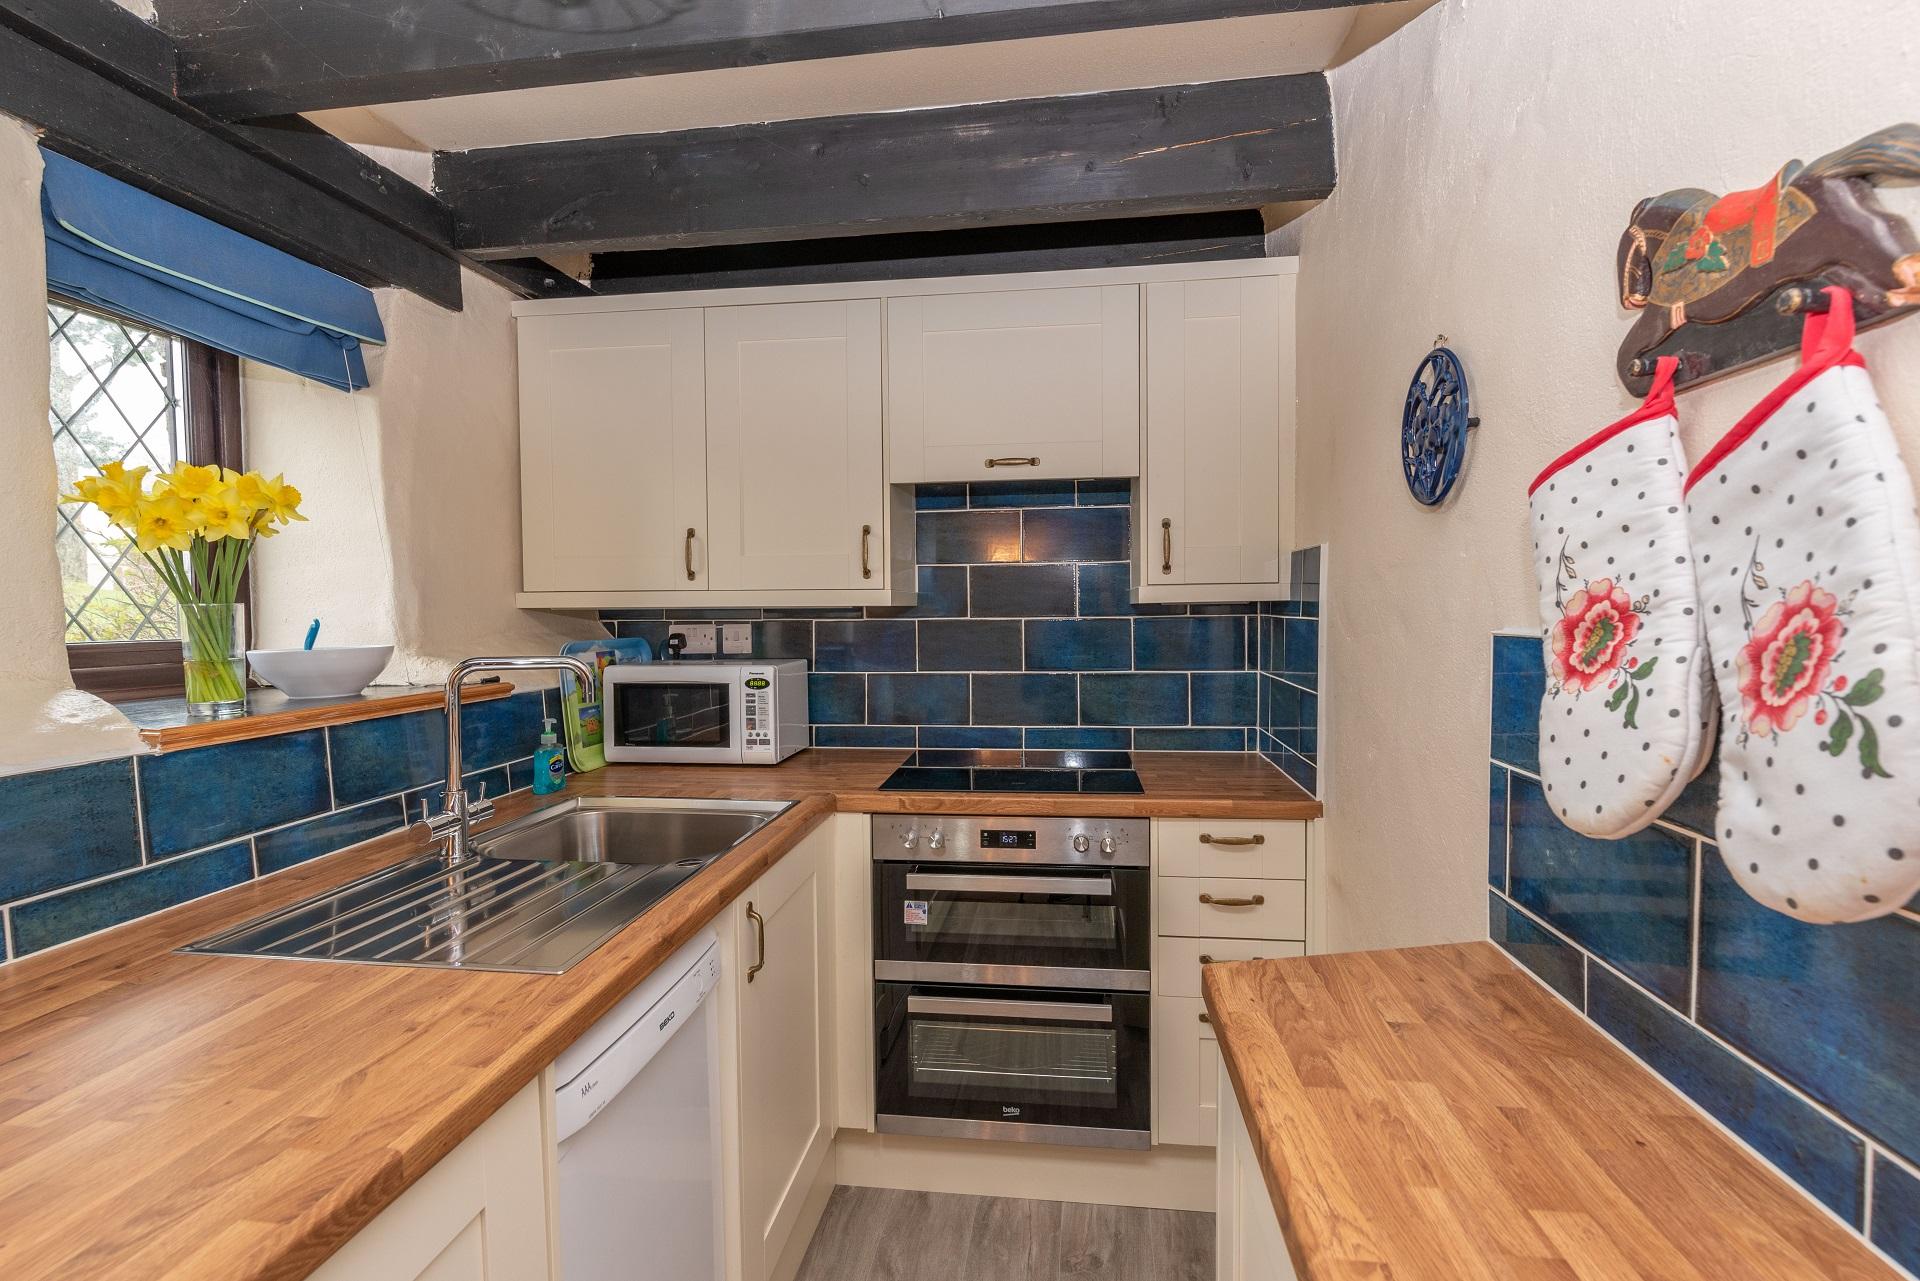 Byre Cottage Lounge Kitchen Diner 8